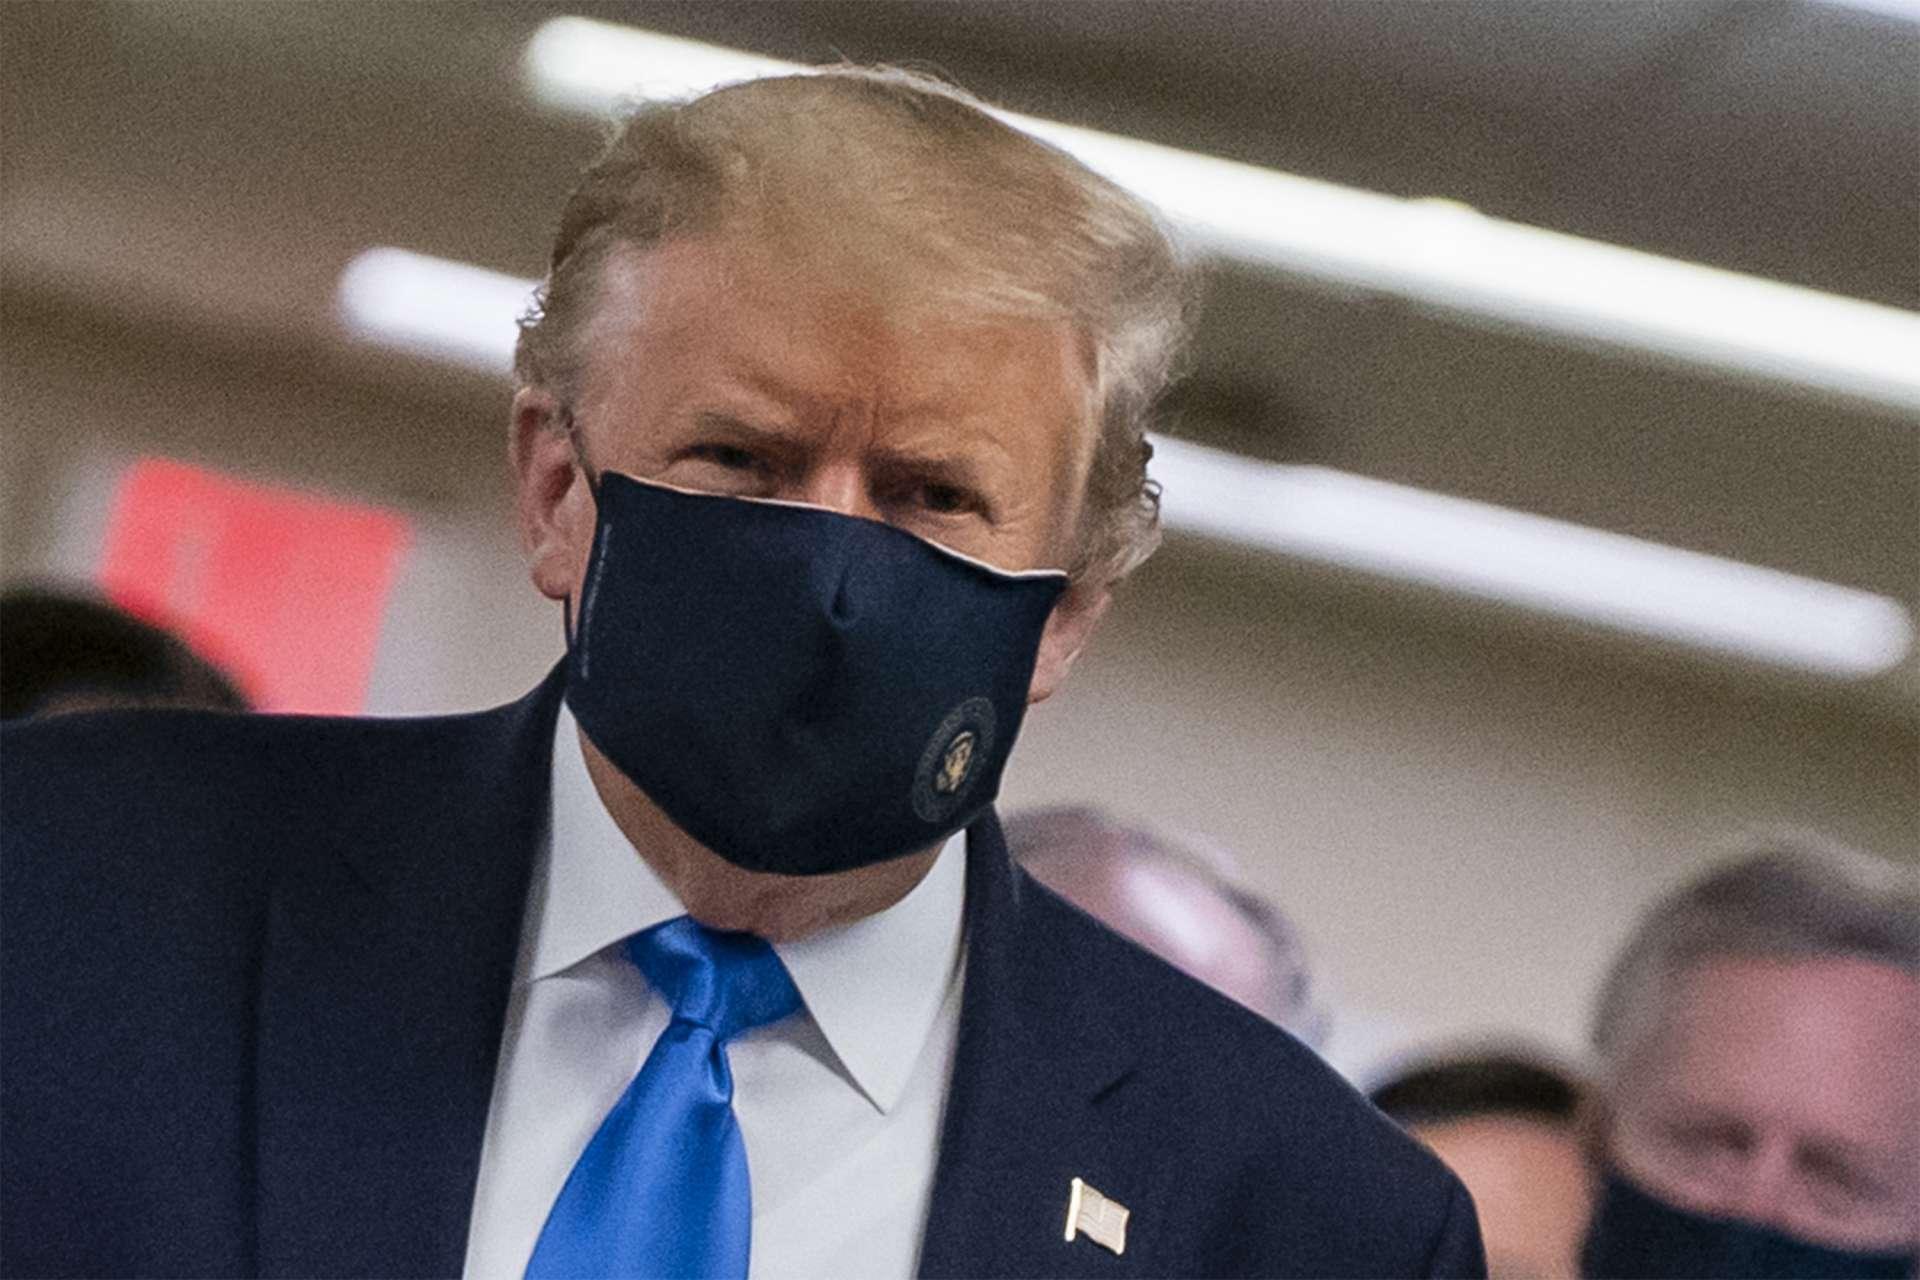 Presidente dos EUA, Donald Trump, aparece usando máscara durante a pandemia